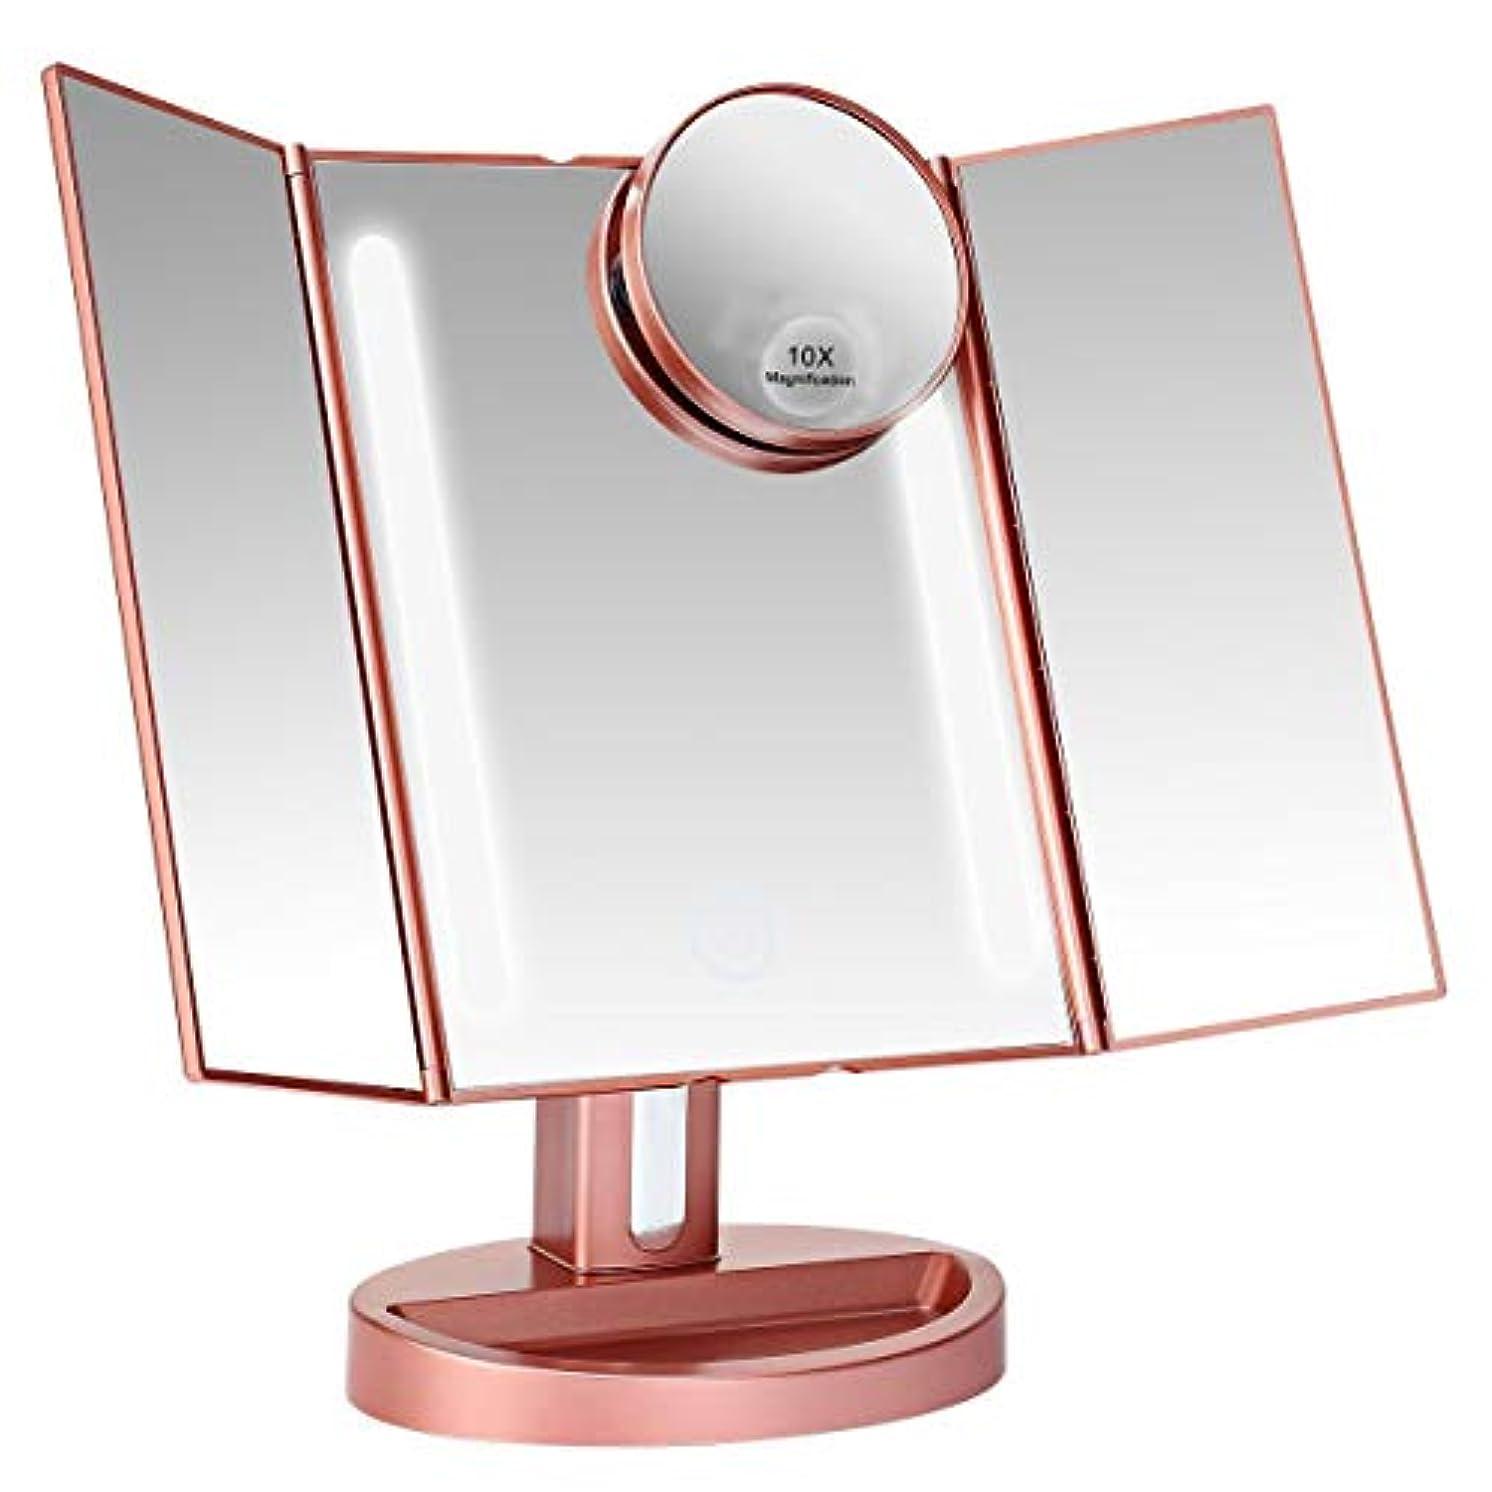 日没スペア承認化粧鏡 明るさ調節 180度回転 LED三面鏡 折りたたみ式 10倍拡大鏡付き